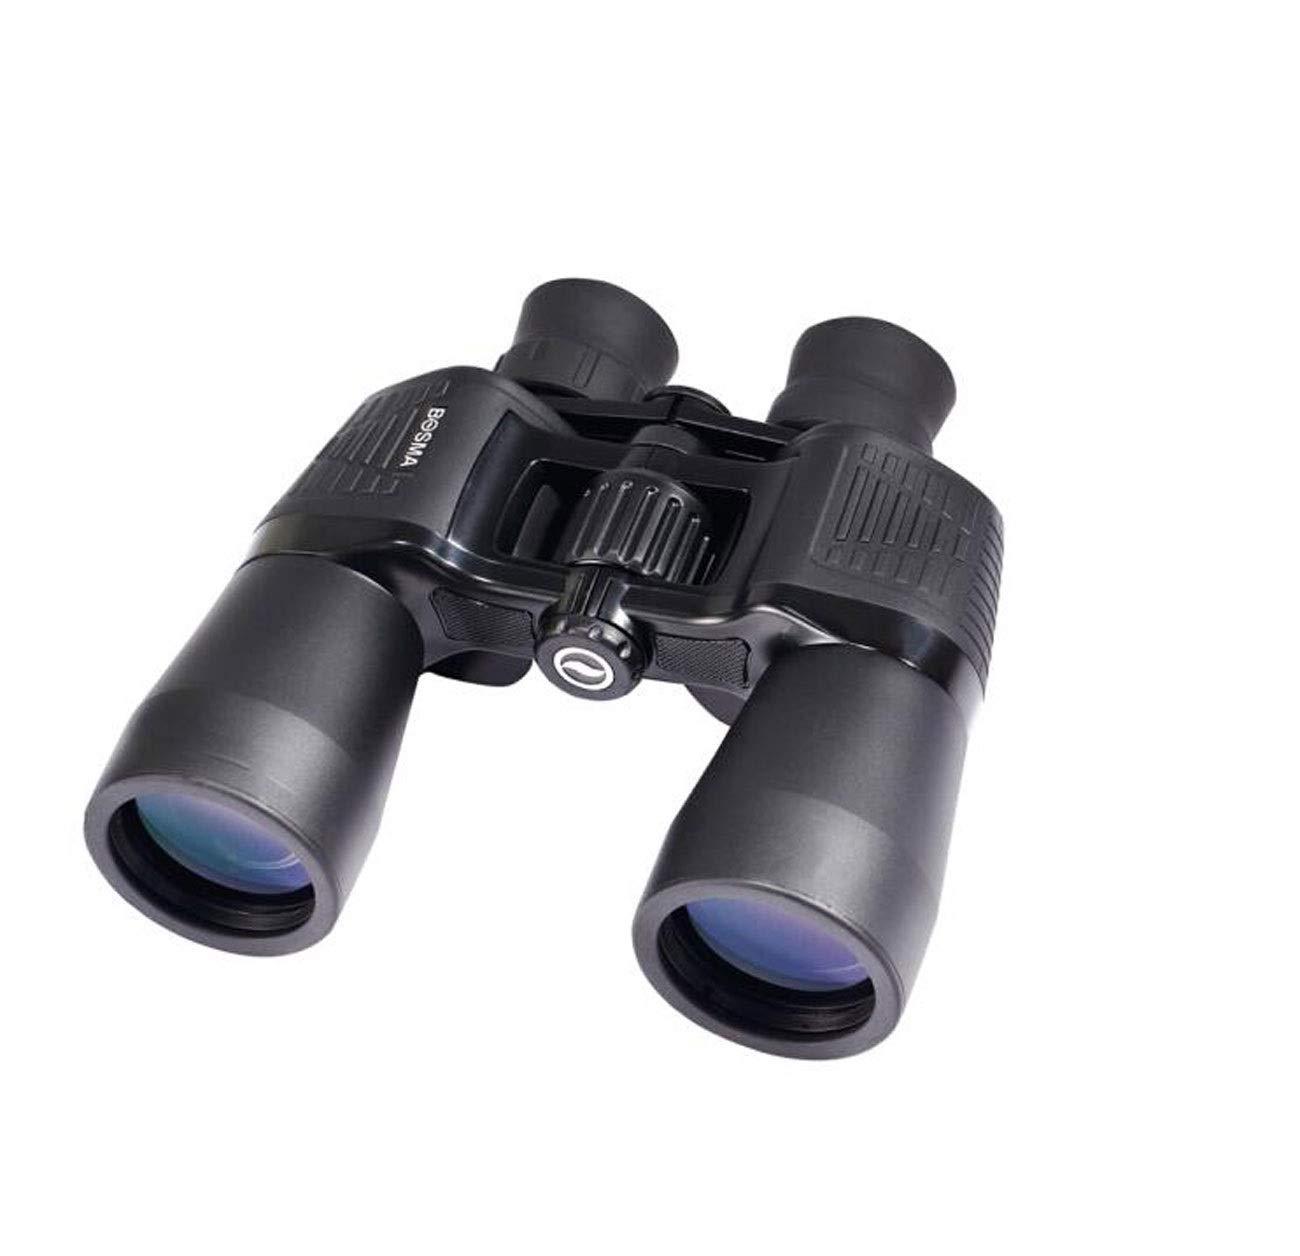 夏セール開催中 MAX80%OFF! 双眼鏡7×50大視野BAK4プリズム B07NNZWCZJ B07NNZWCZJ, アソグン:1fc8ed49 --- arianechie.dominiotemporario.com